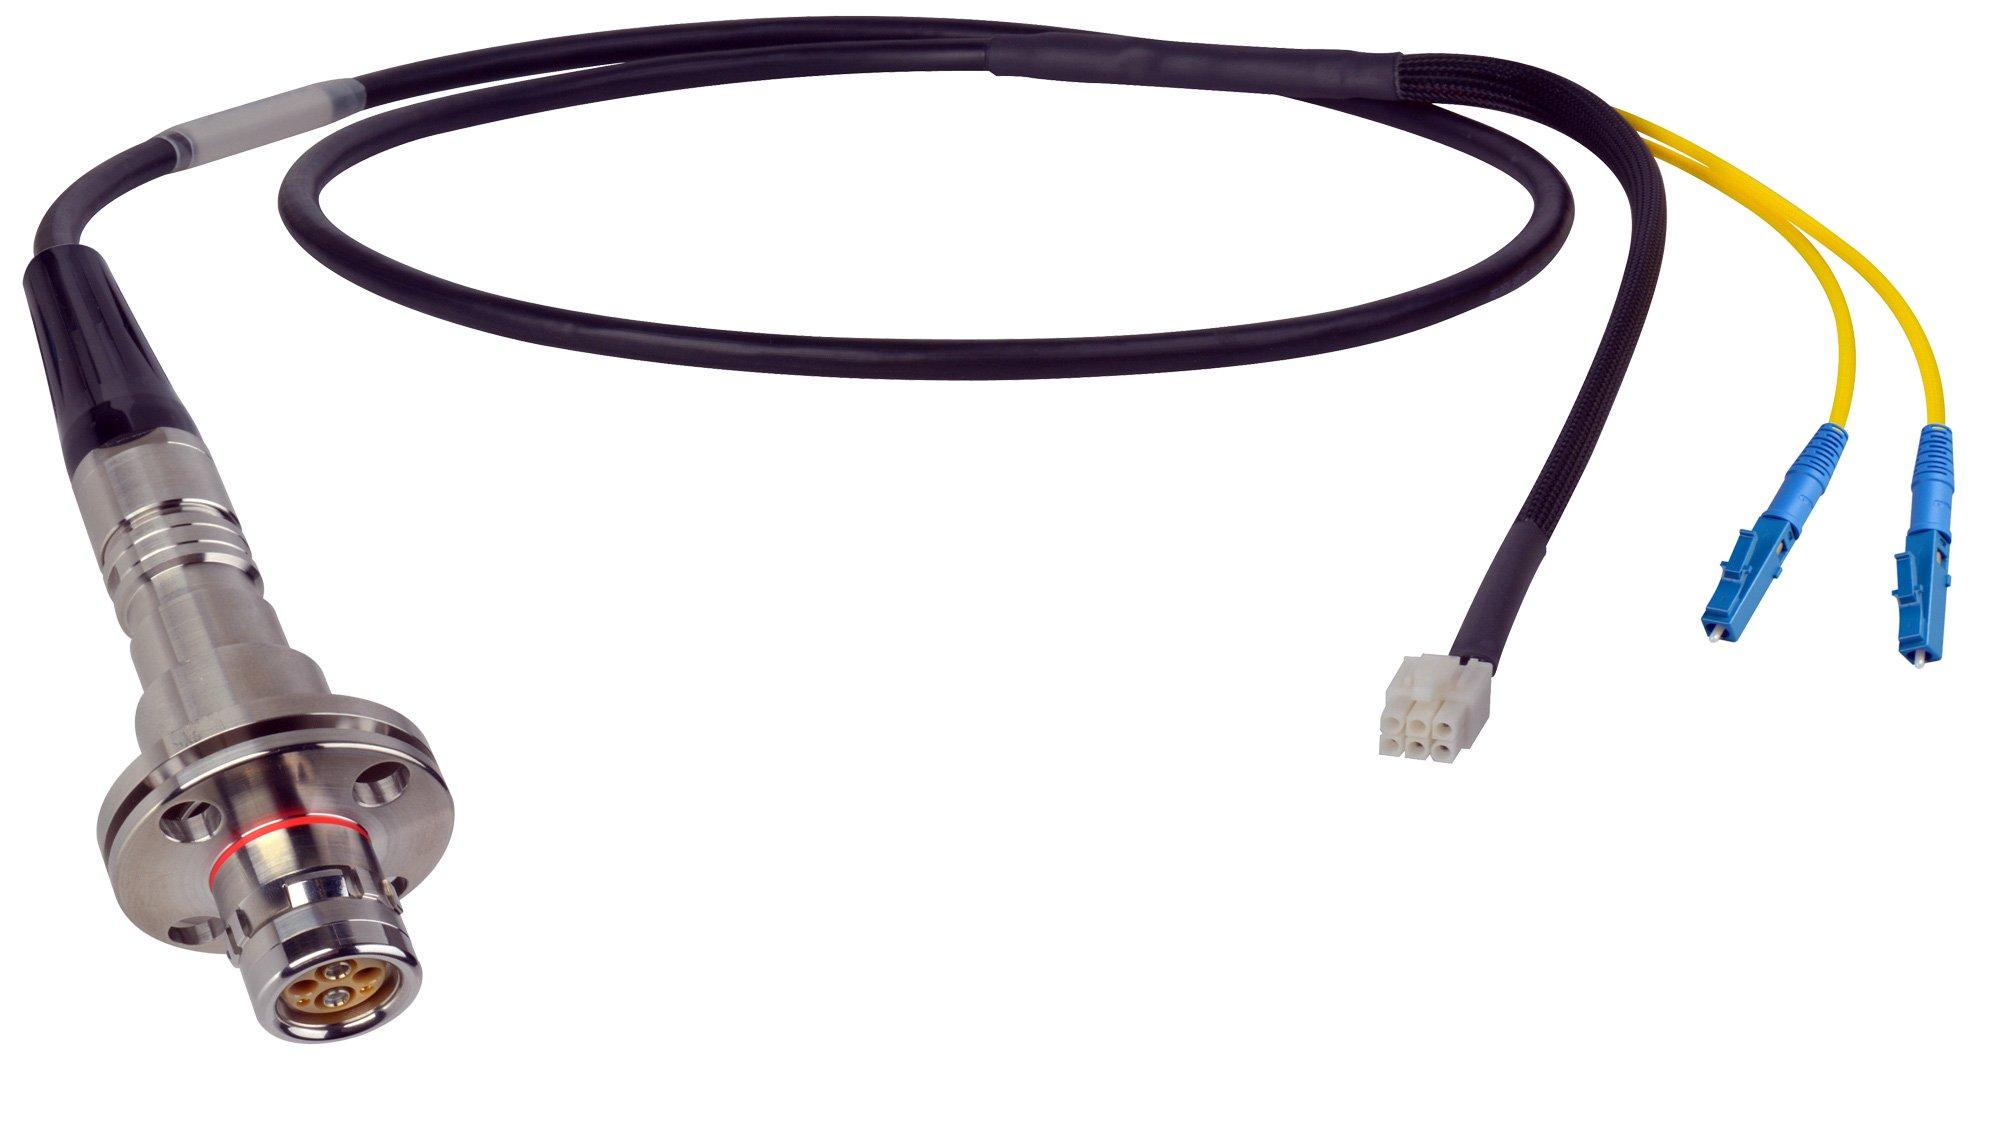 SMPTE Fiber Cables